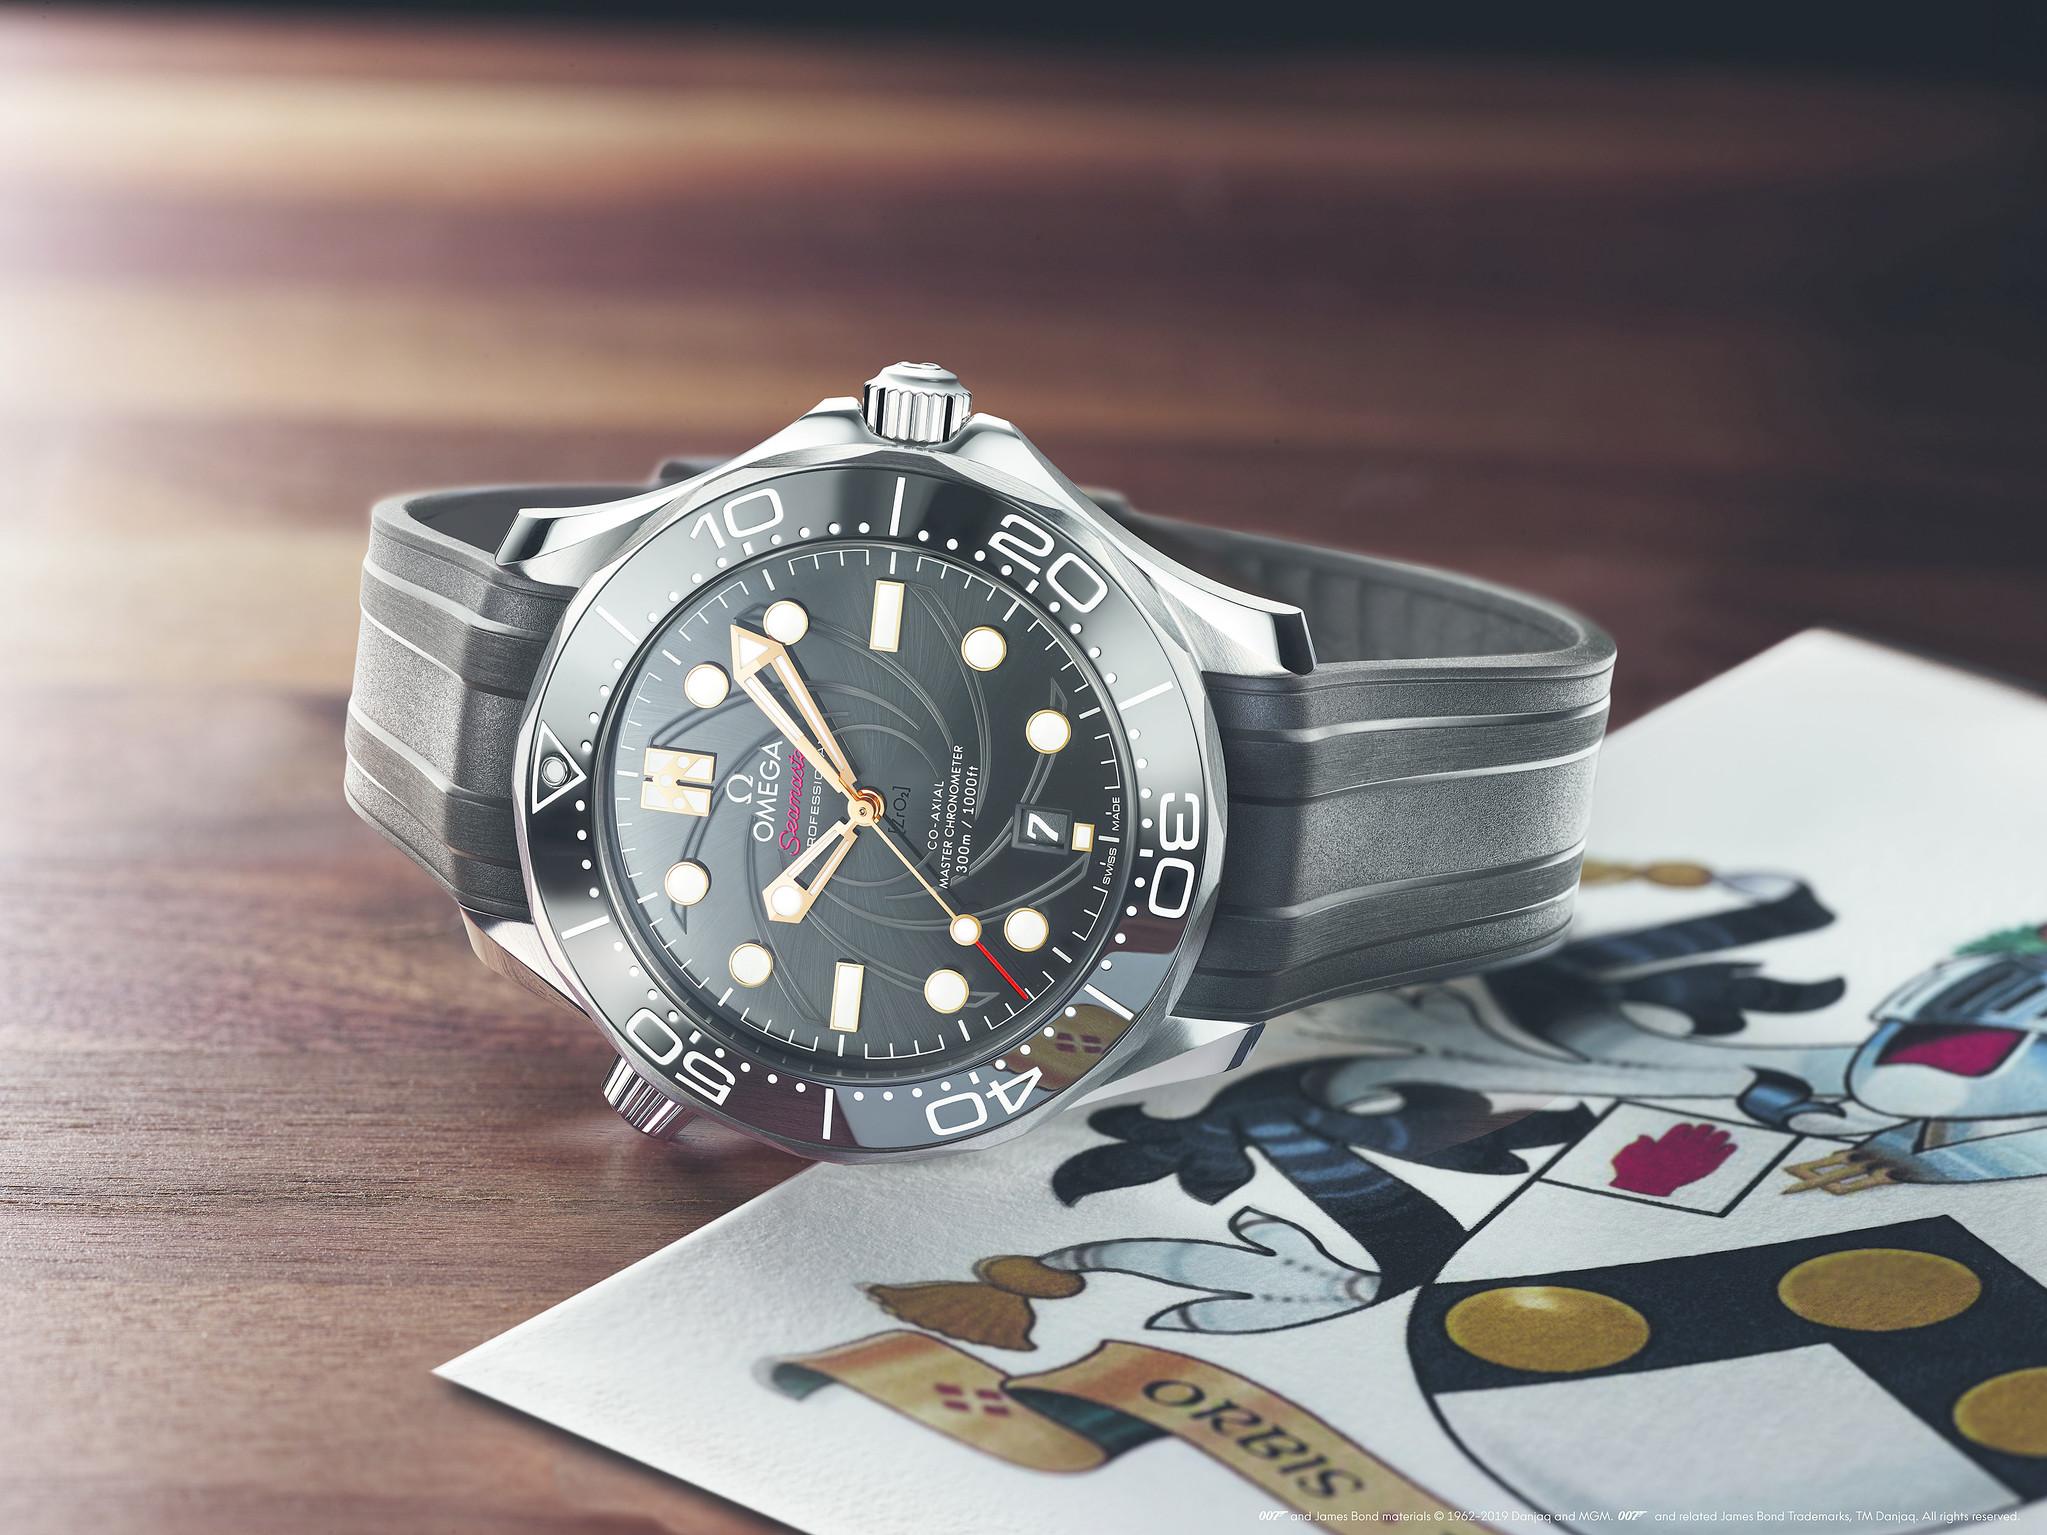 007 time; Omega lanceert het nieuwe James Bond horloge!